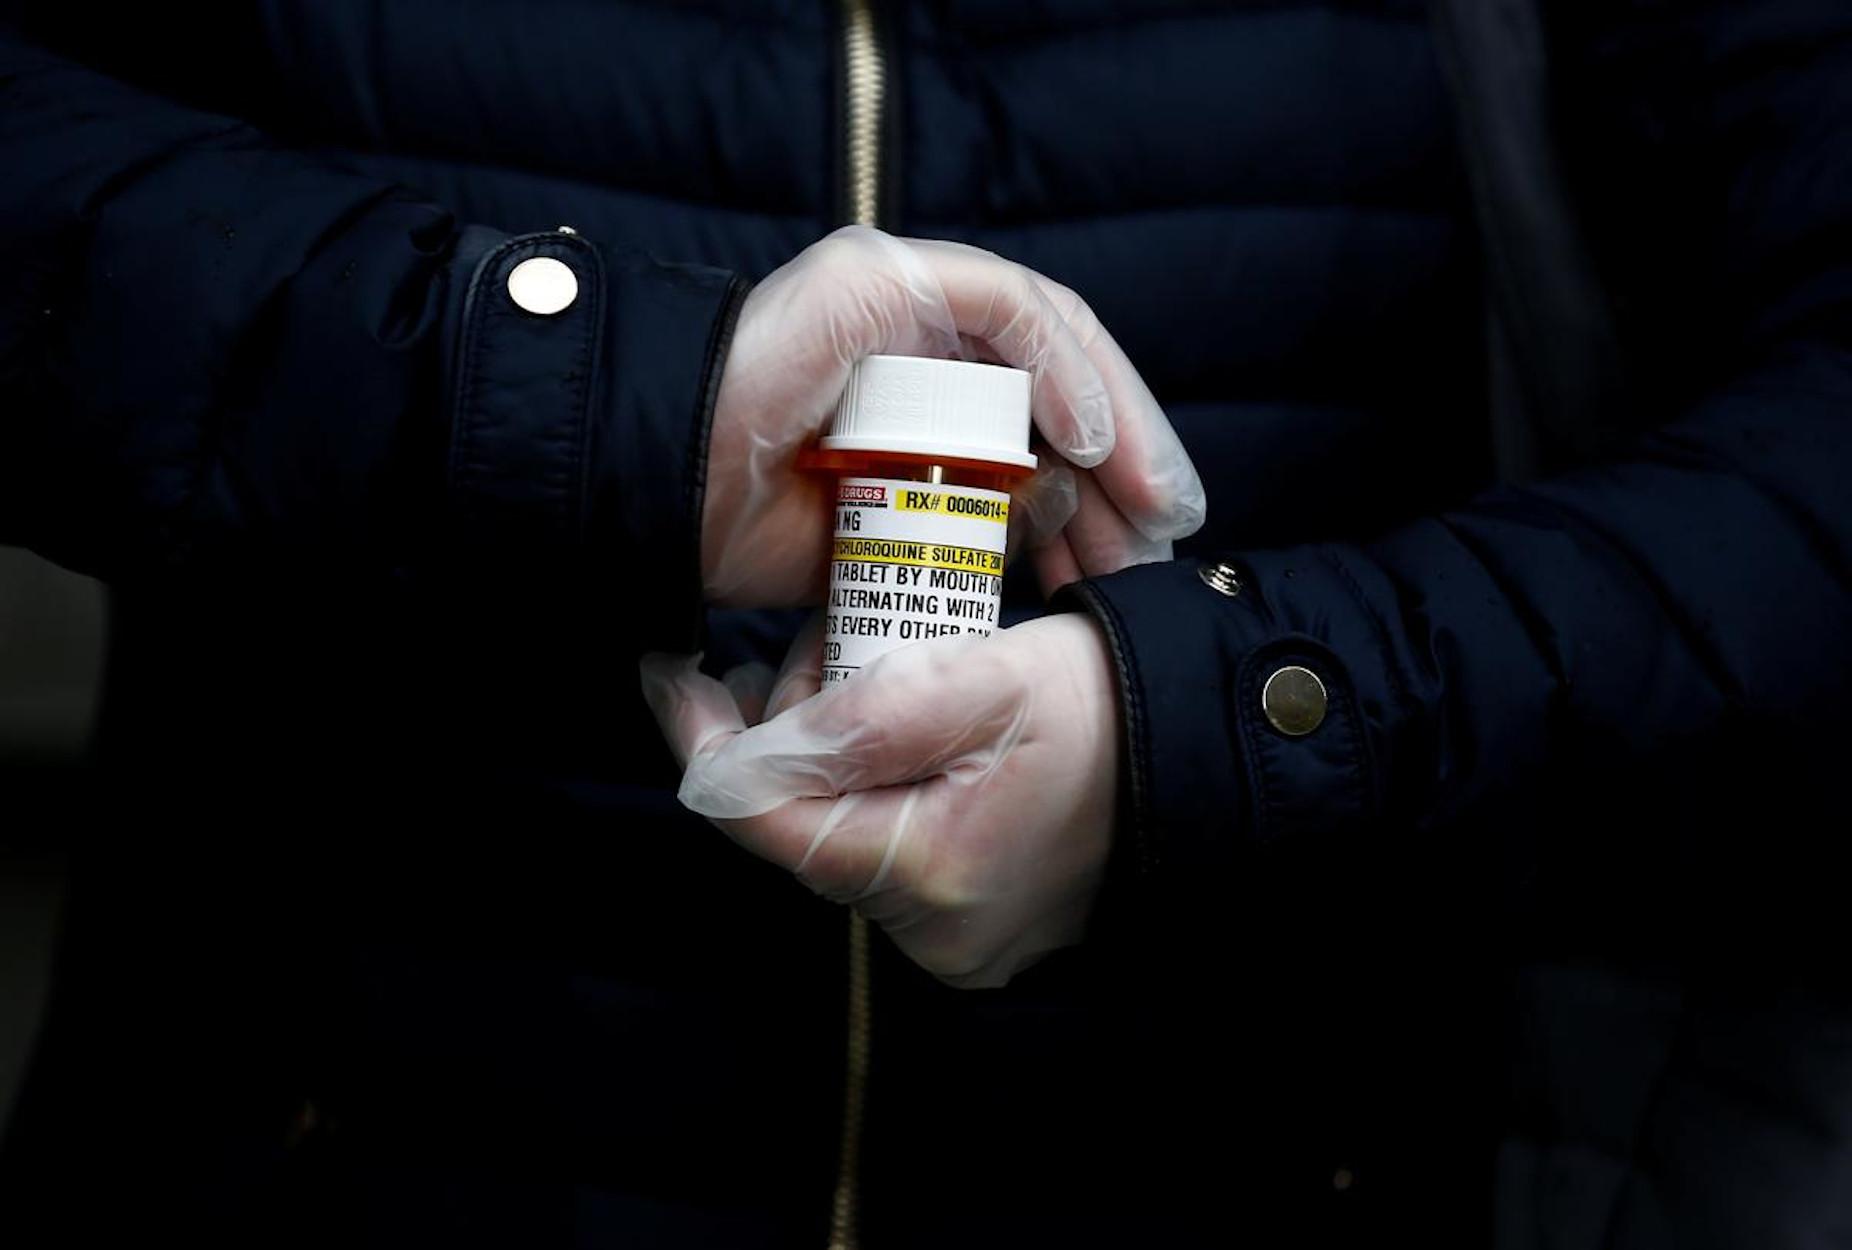 """Κορονοϊός: Τελικά η υδροξυχλωροκίνη… σκοτώνει! """"Προκάλεσε έως και 100.000 θανάτους"""" λέει Έλληνας επιστήμονας"""